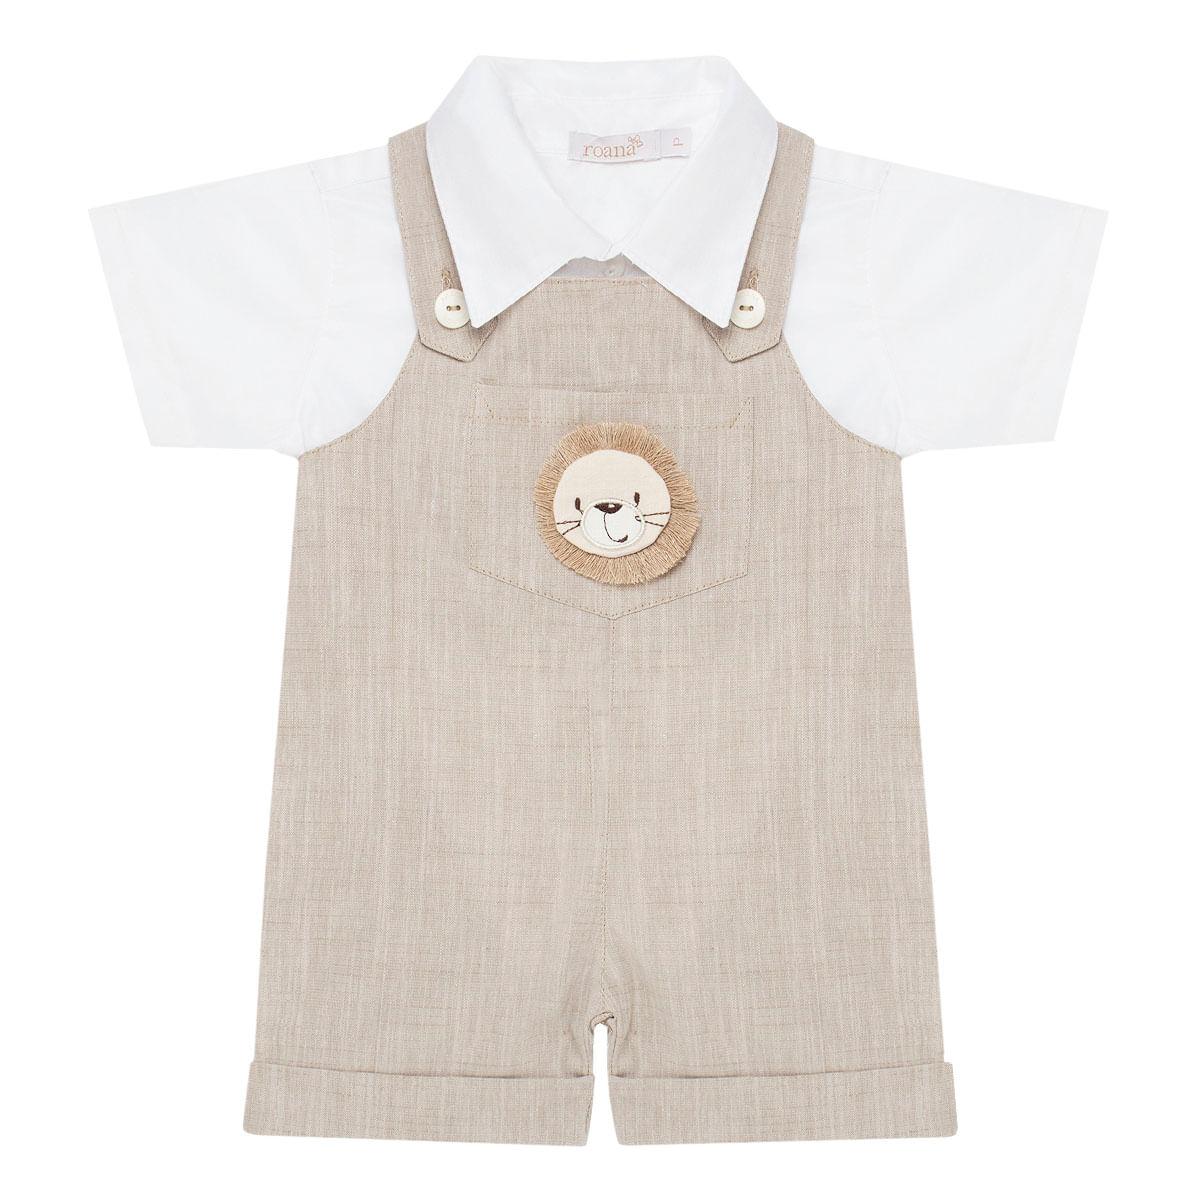 413467816 Jardineira c/ Camisa para bebê em linho Leãozinho - Roana no bebefacil loja  de roupas enxoval e acessorios para bebes - bebefacil